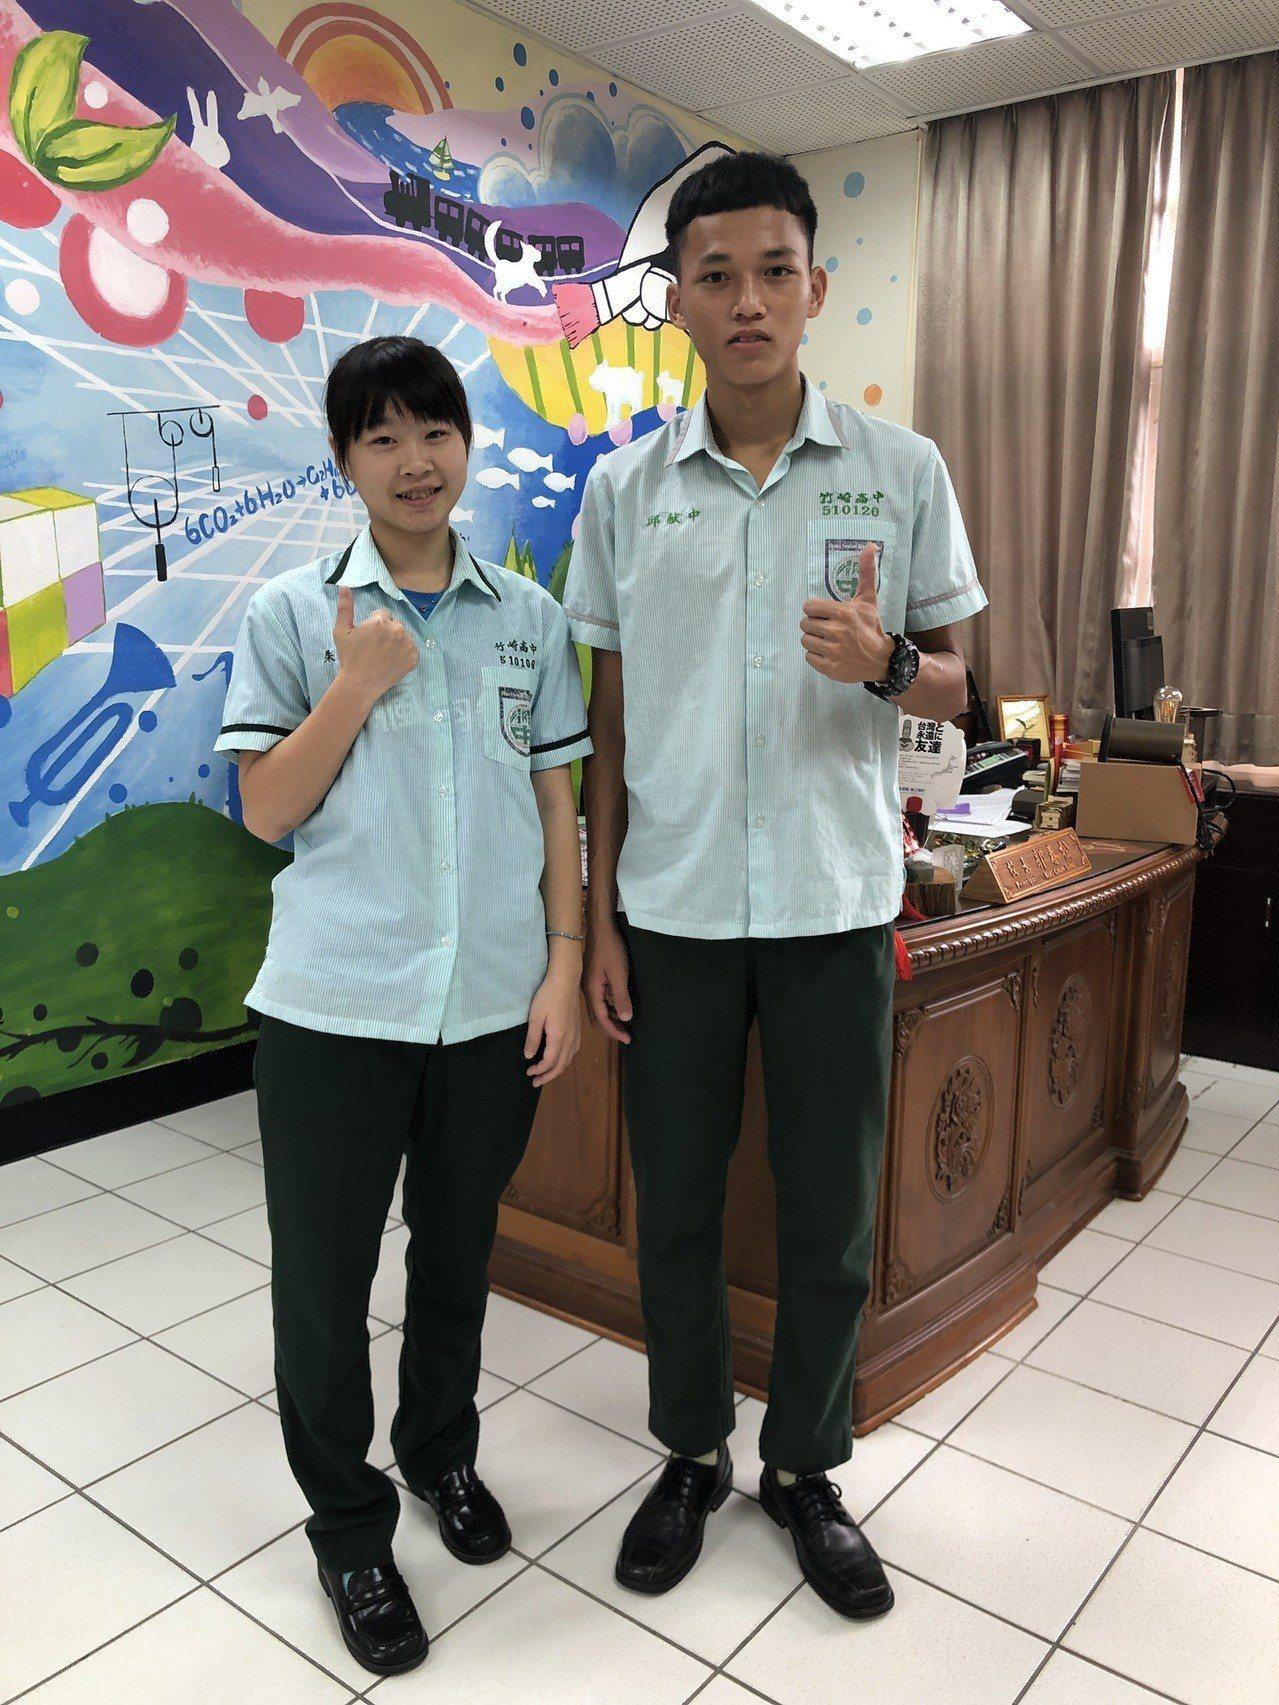 邱献中(右)錄取陸軍官校飛行生,朱芸瑩(左)錄取空軍官校飛行生。記者謝恩得/翻攝